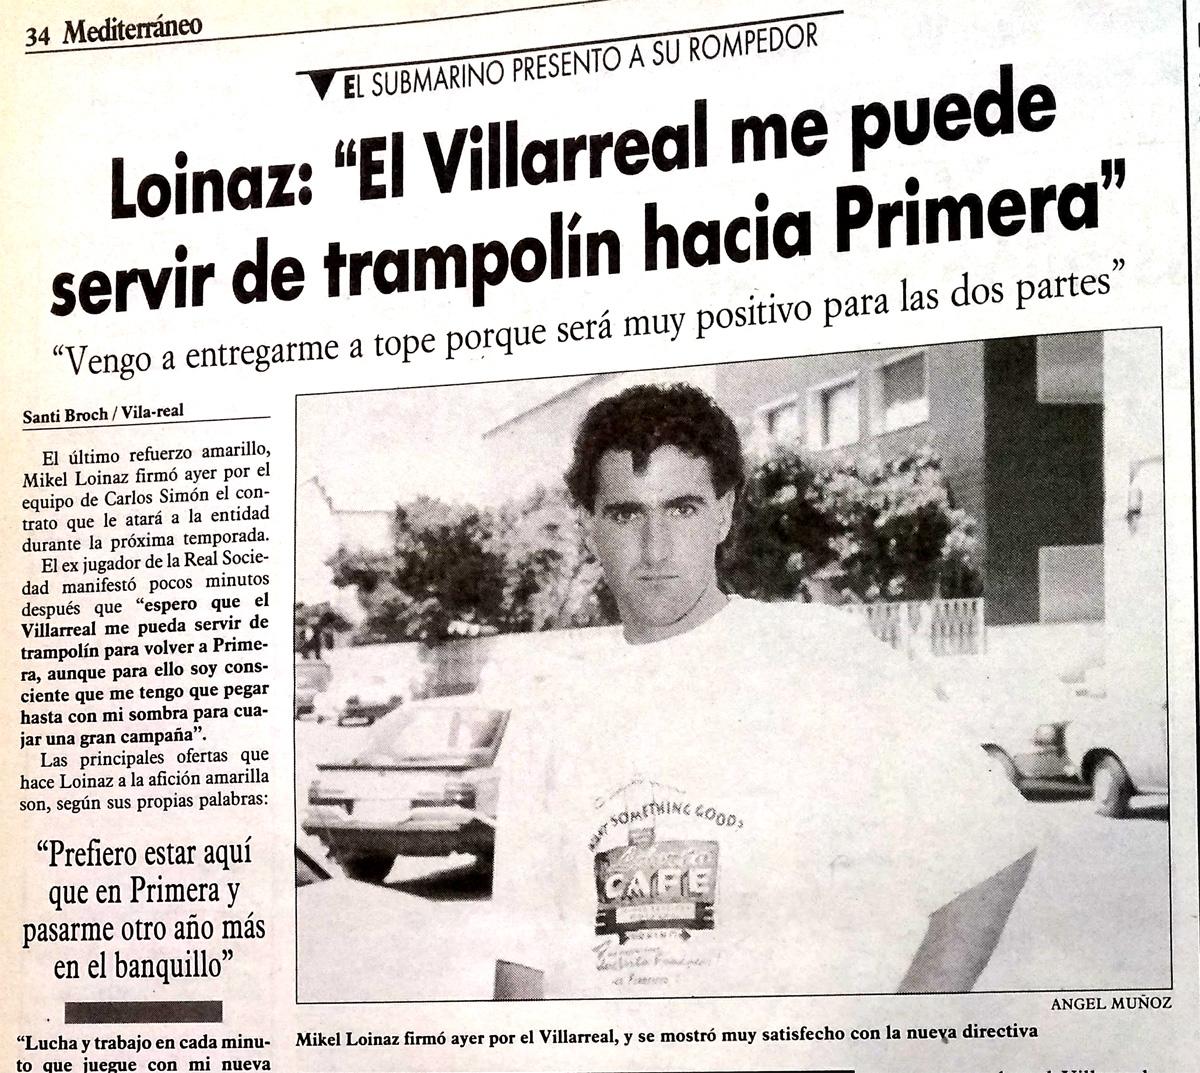 Tal día como hoy fichamos a Loinaz. El Villarreal un 10 de julio